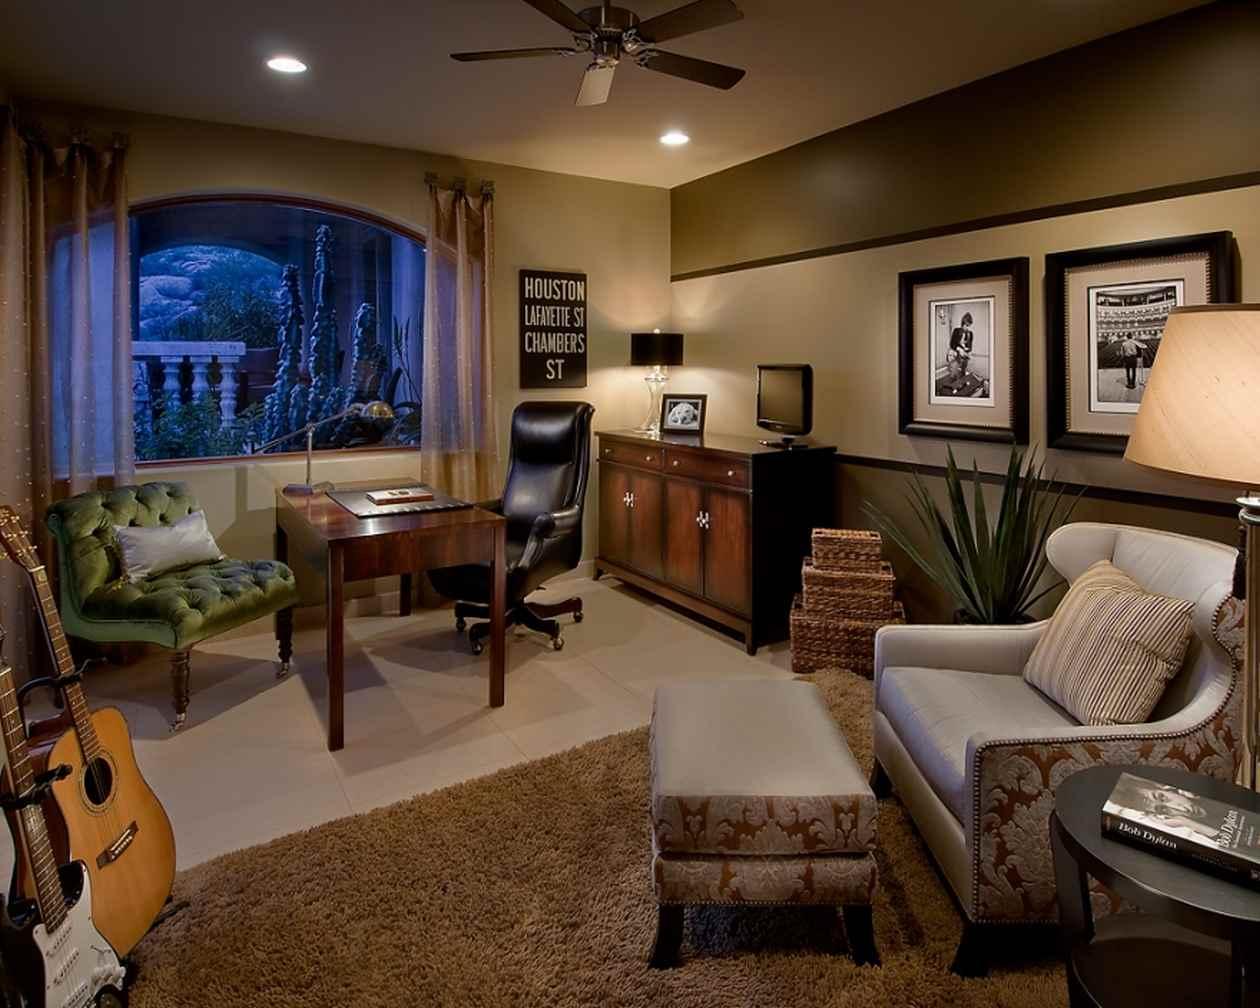 Spanish Home Interior Design Ideas